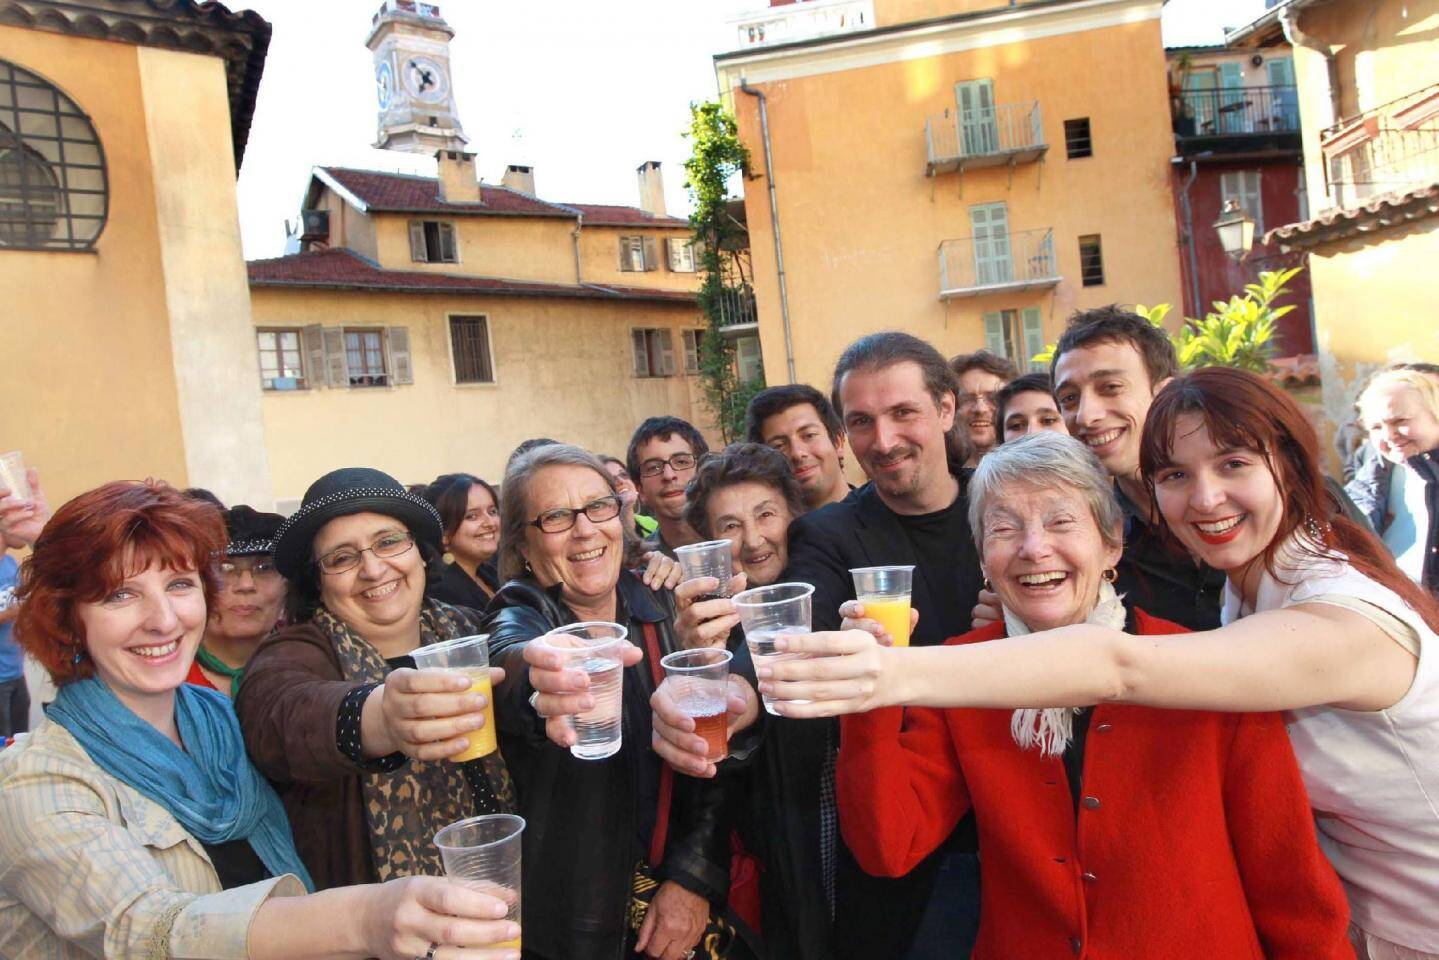 Habitants du Vieux-Nice et internautes sont venus à la rencontre des blogueurs.